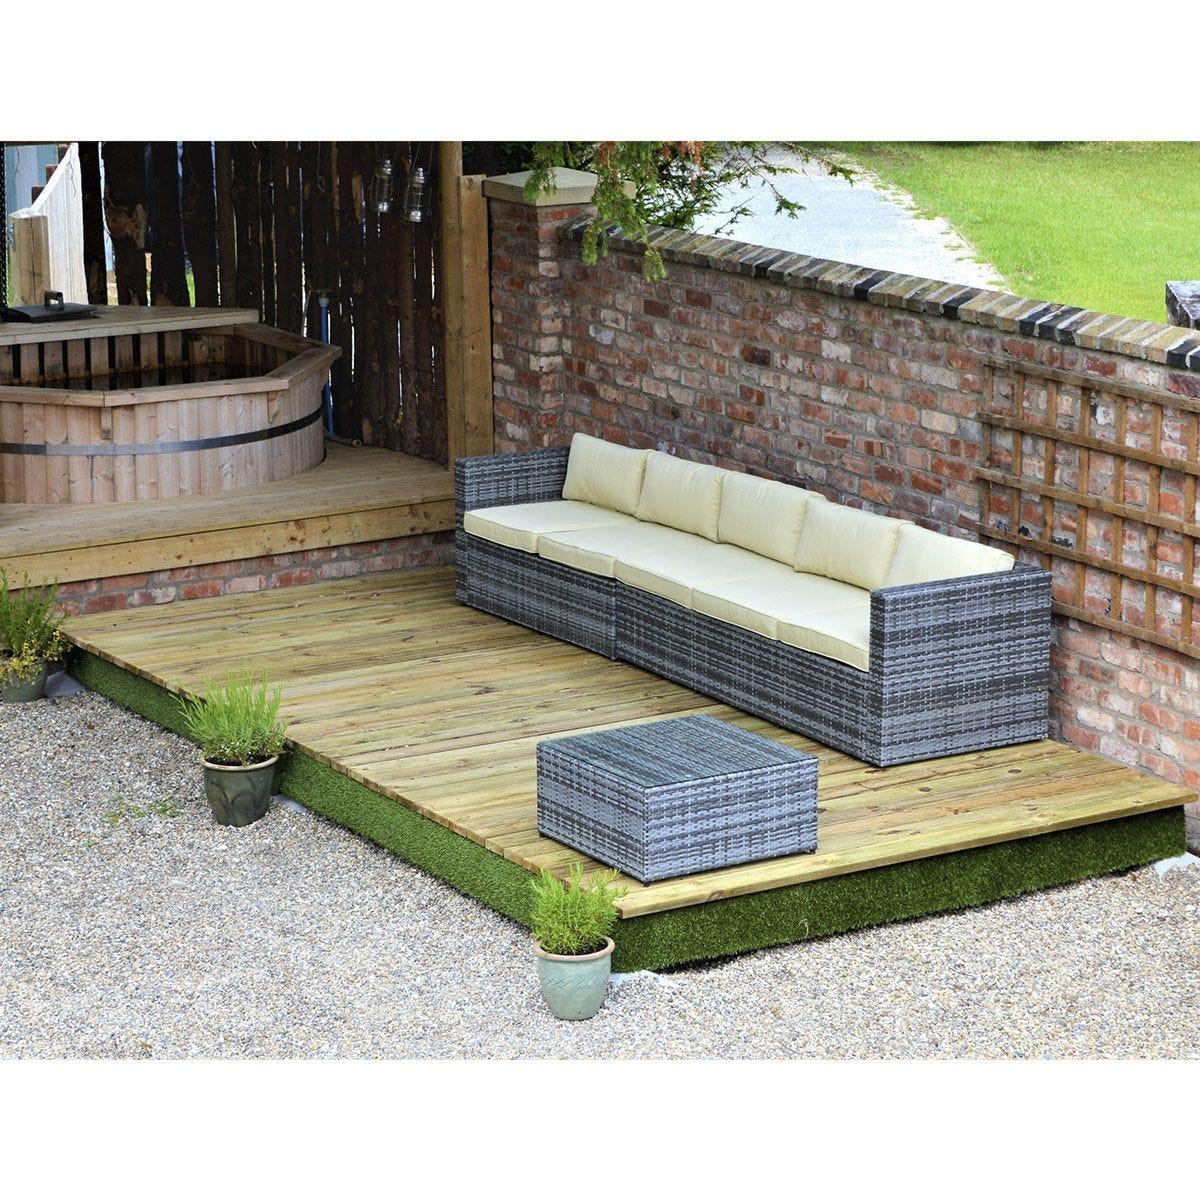 Swift Foundations Garden Decking Kit - 2.4 x 9.3m